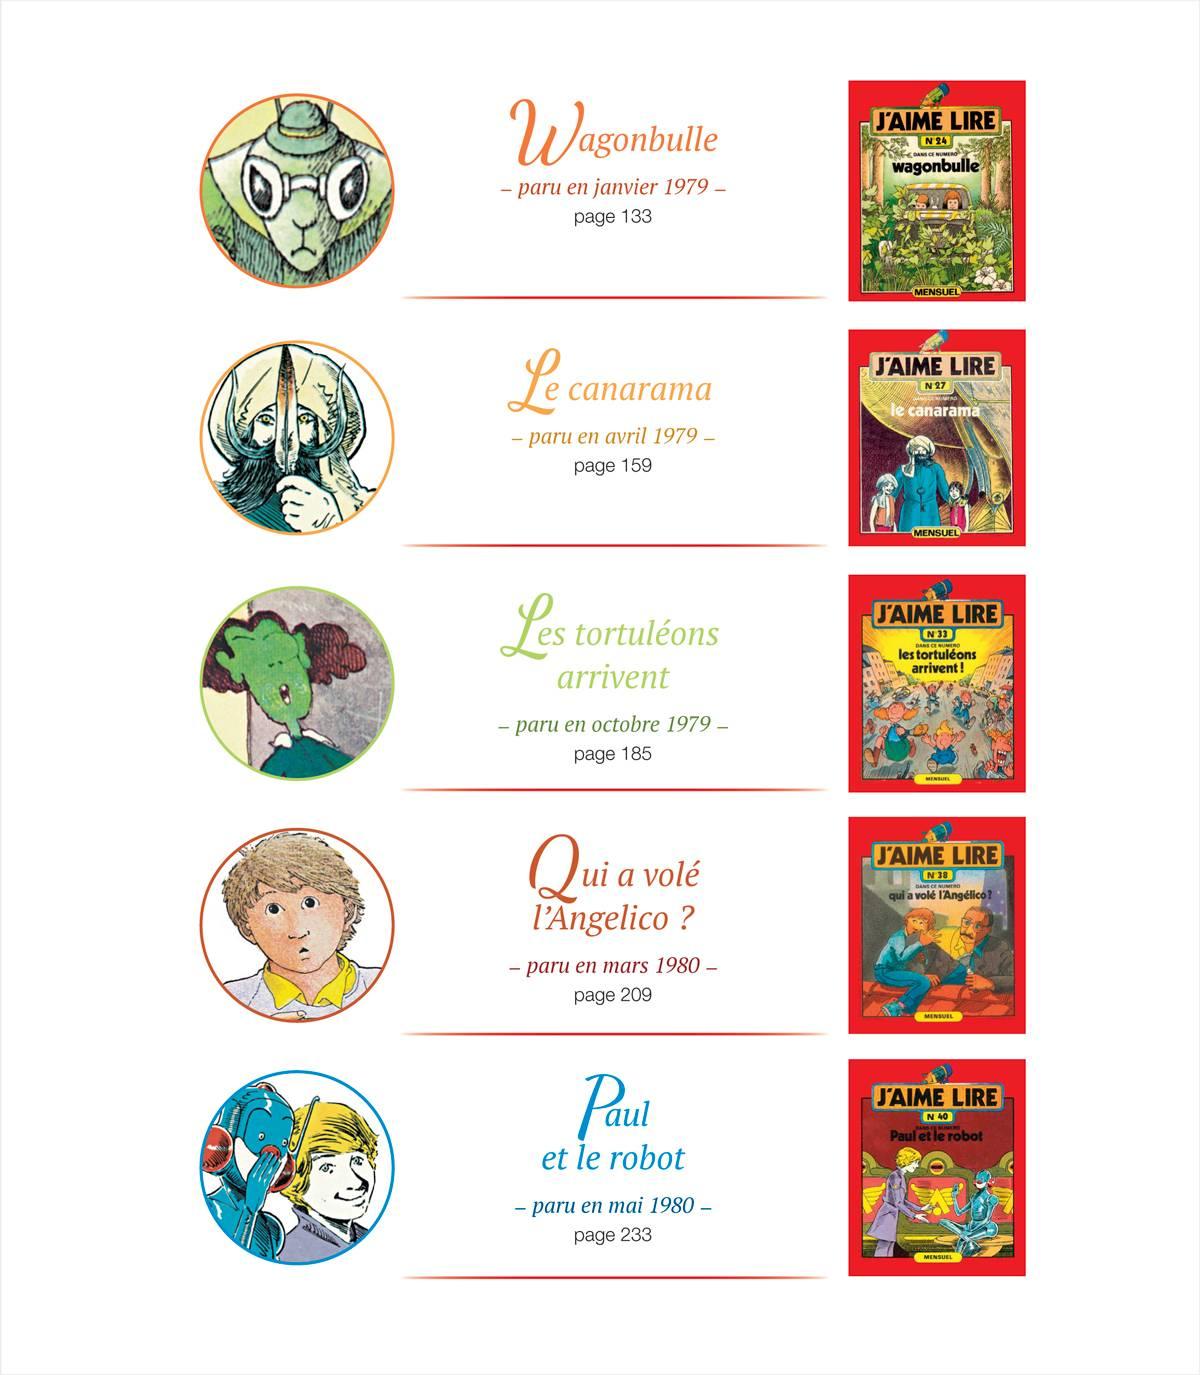 """Au sommaire du numéro collector : """"10 romans J'aime lire inoubliables - Les années 1970"""""""